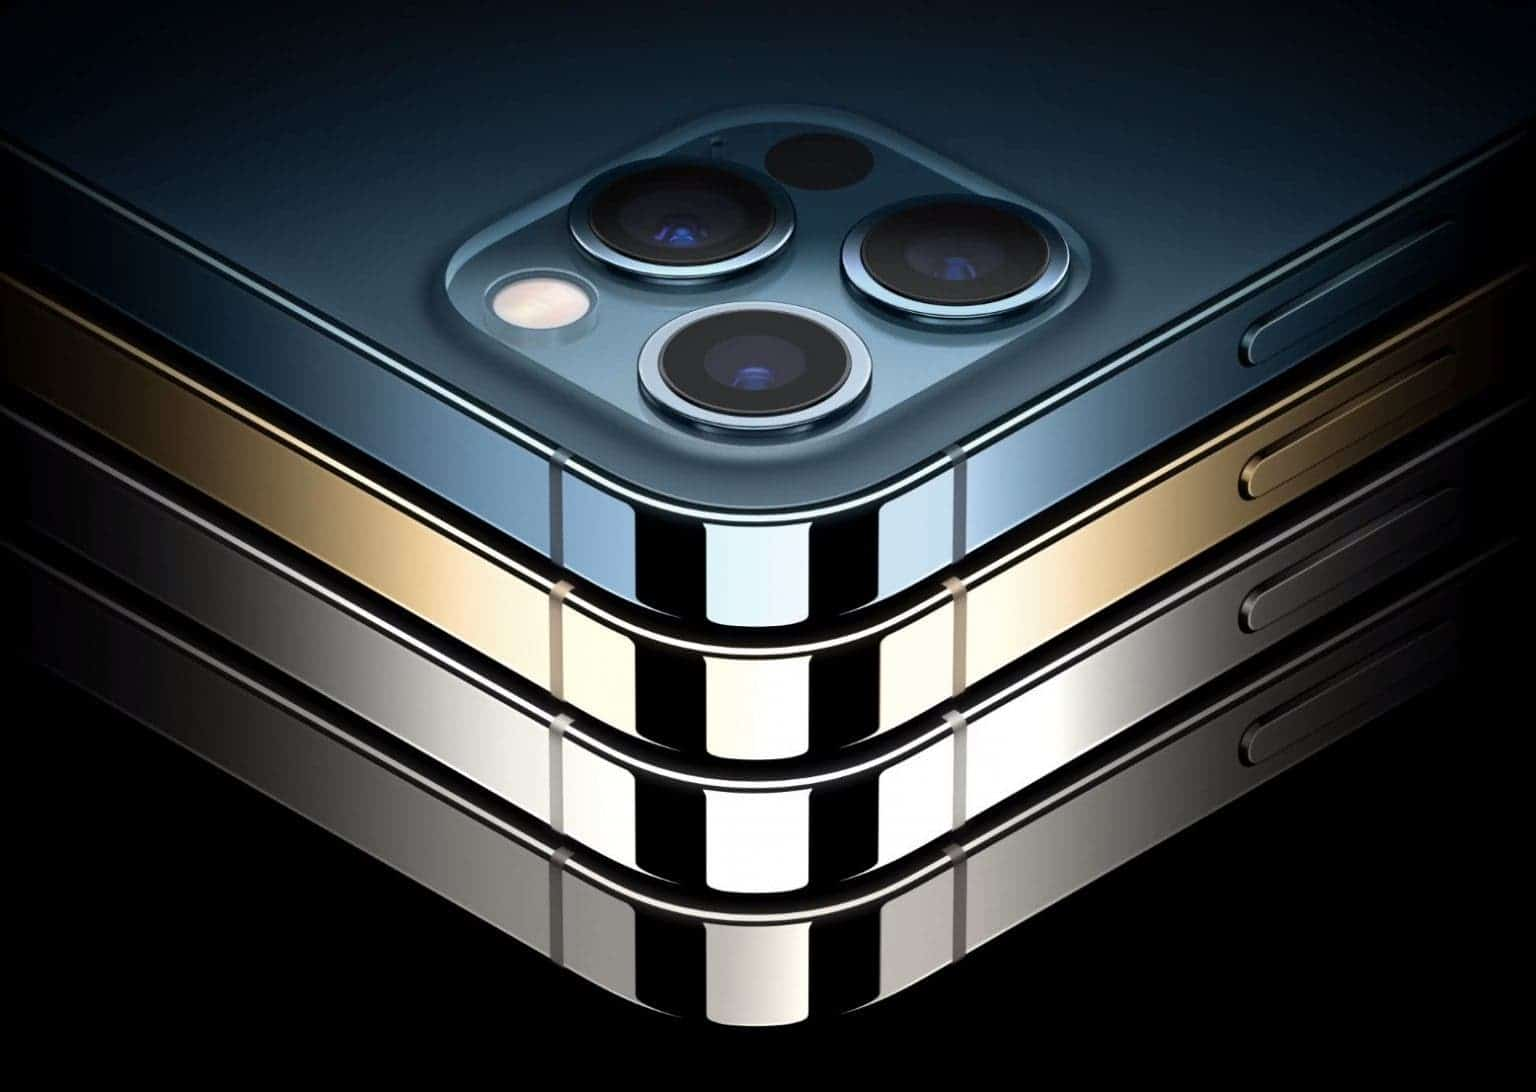 ابل تقرر تأجيل شحن بعض إصدارات IPHONE 12 حتى شهر نوفمبر